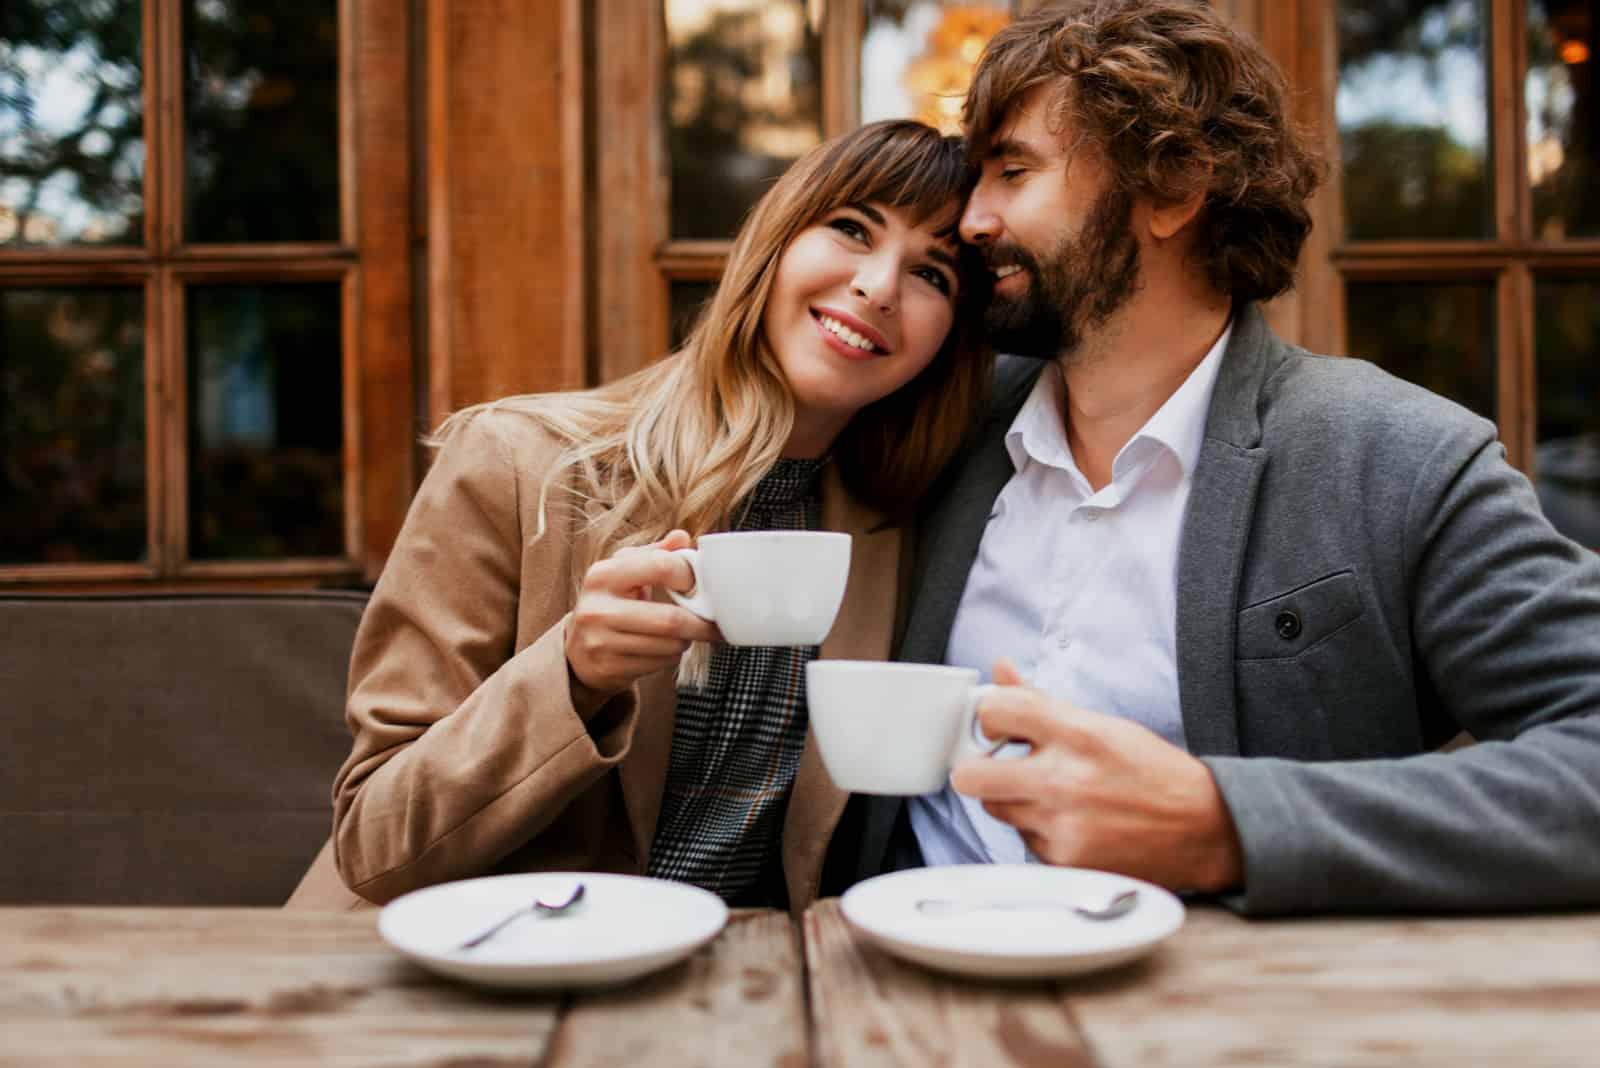 un homme embrasse une femme, il l'embrasse sur le front pendant qu'ils boivent du café